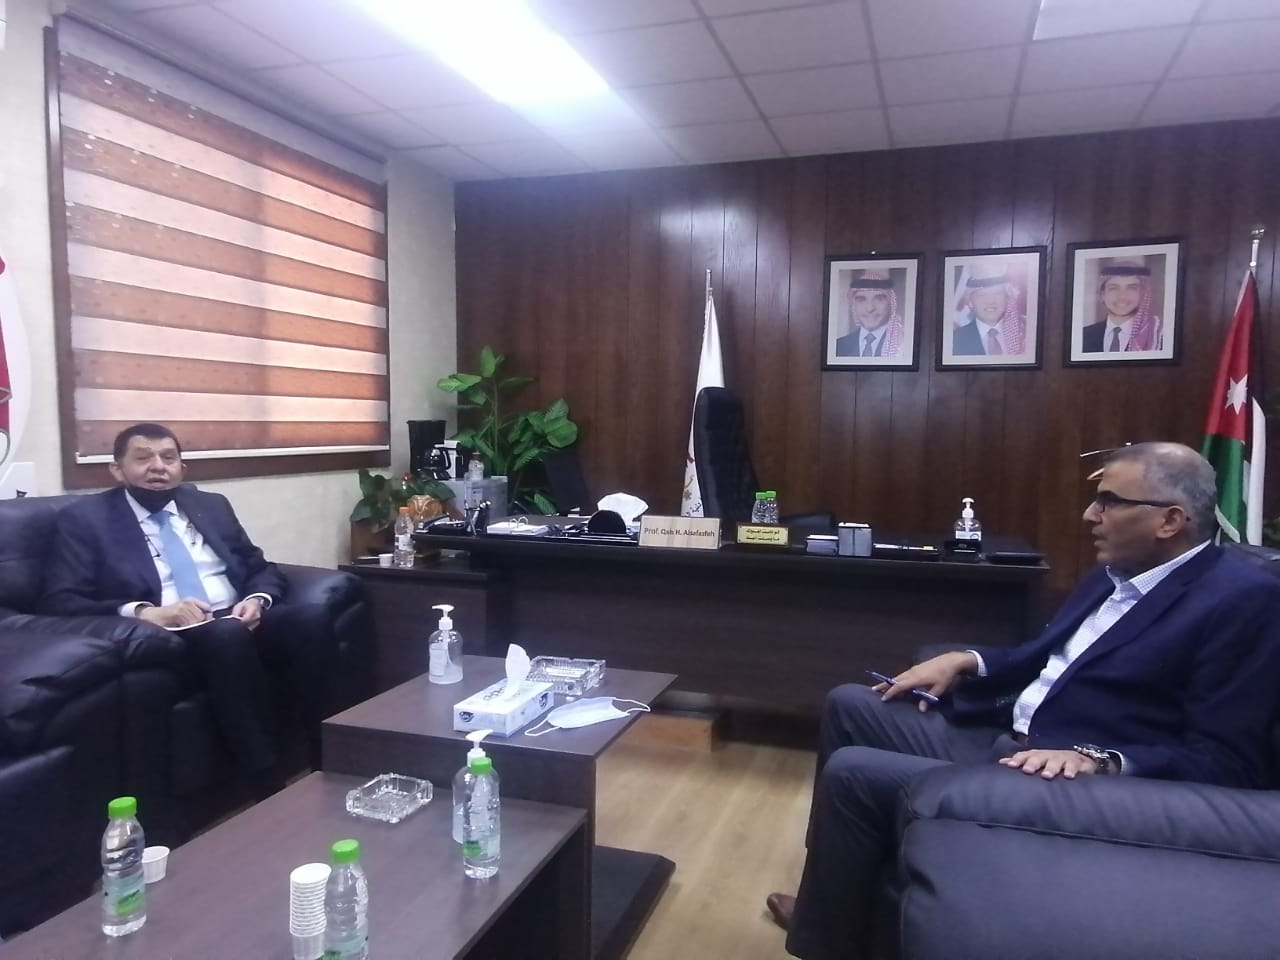 وزير العمل يزور هيئة تنمية وتطوير المهارات المهنية والتقنية